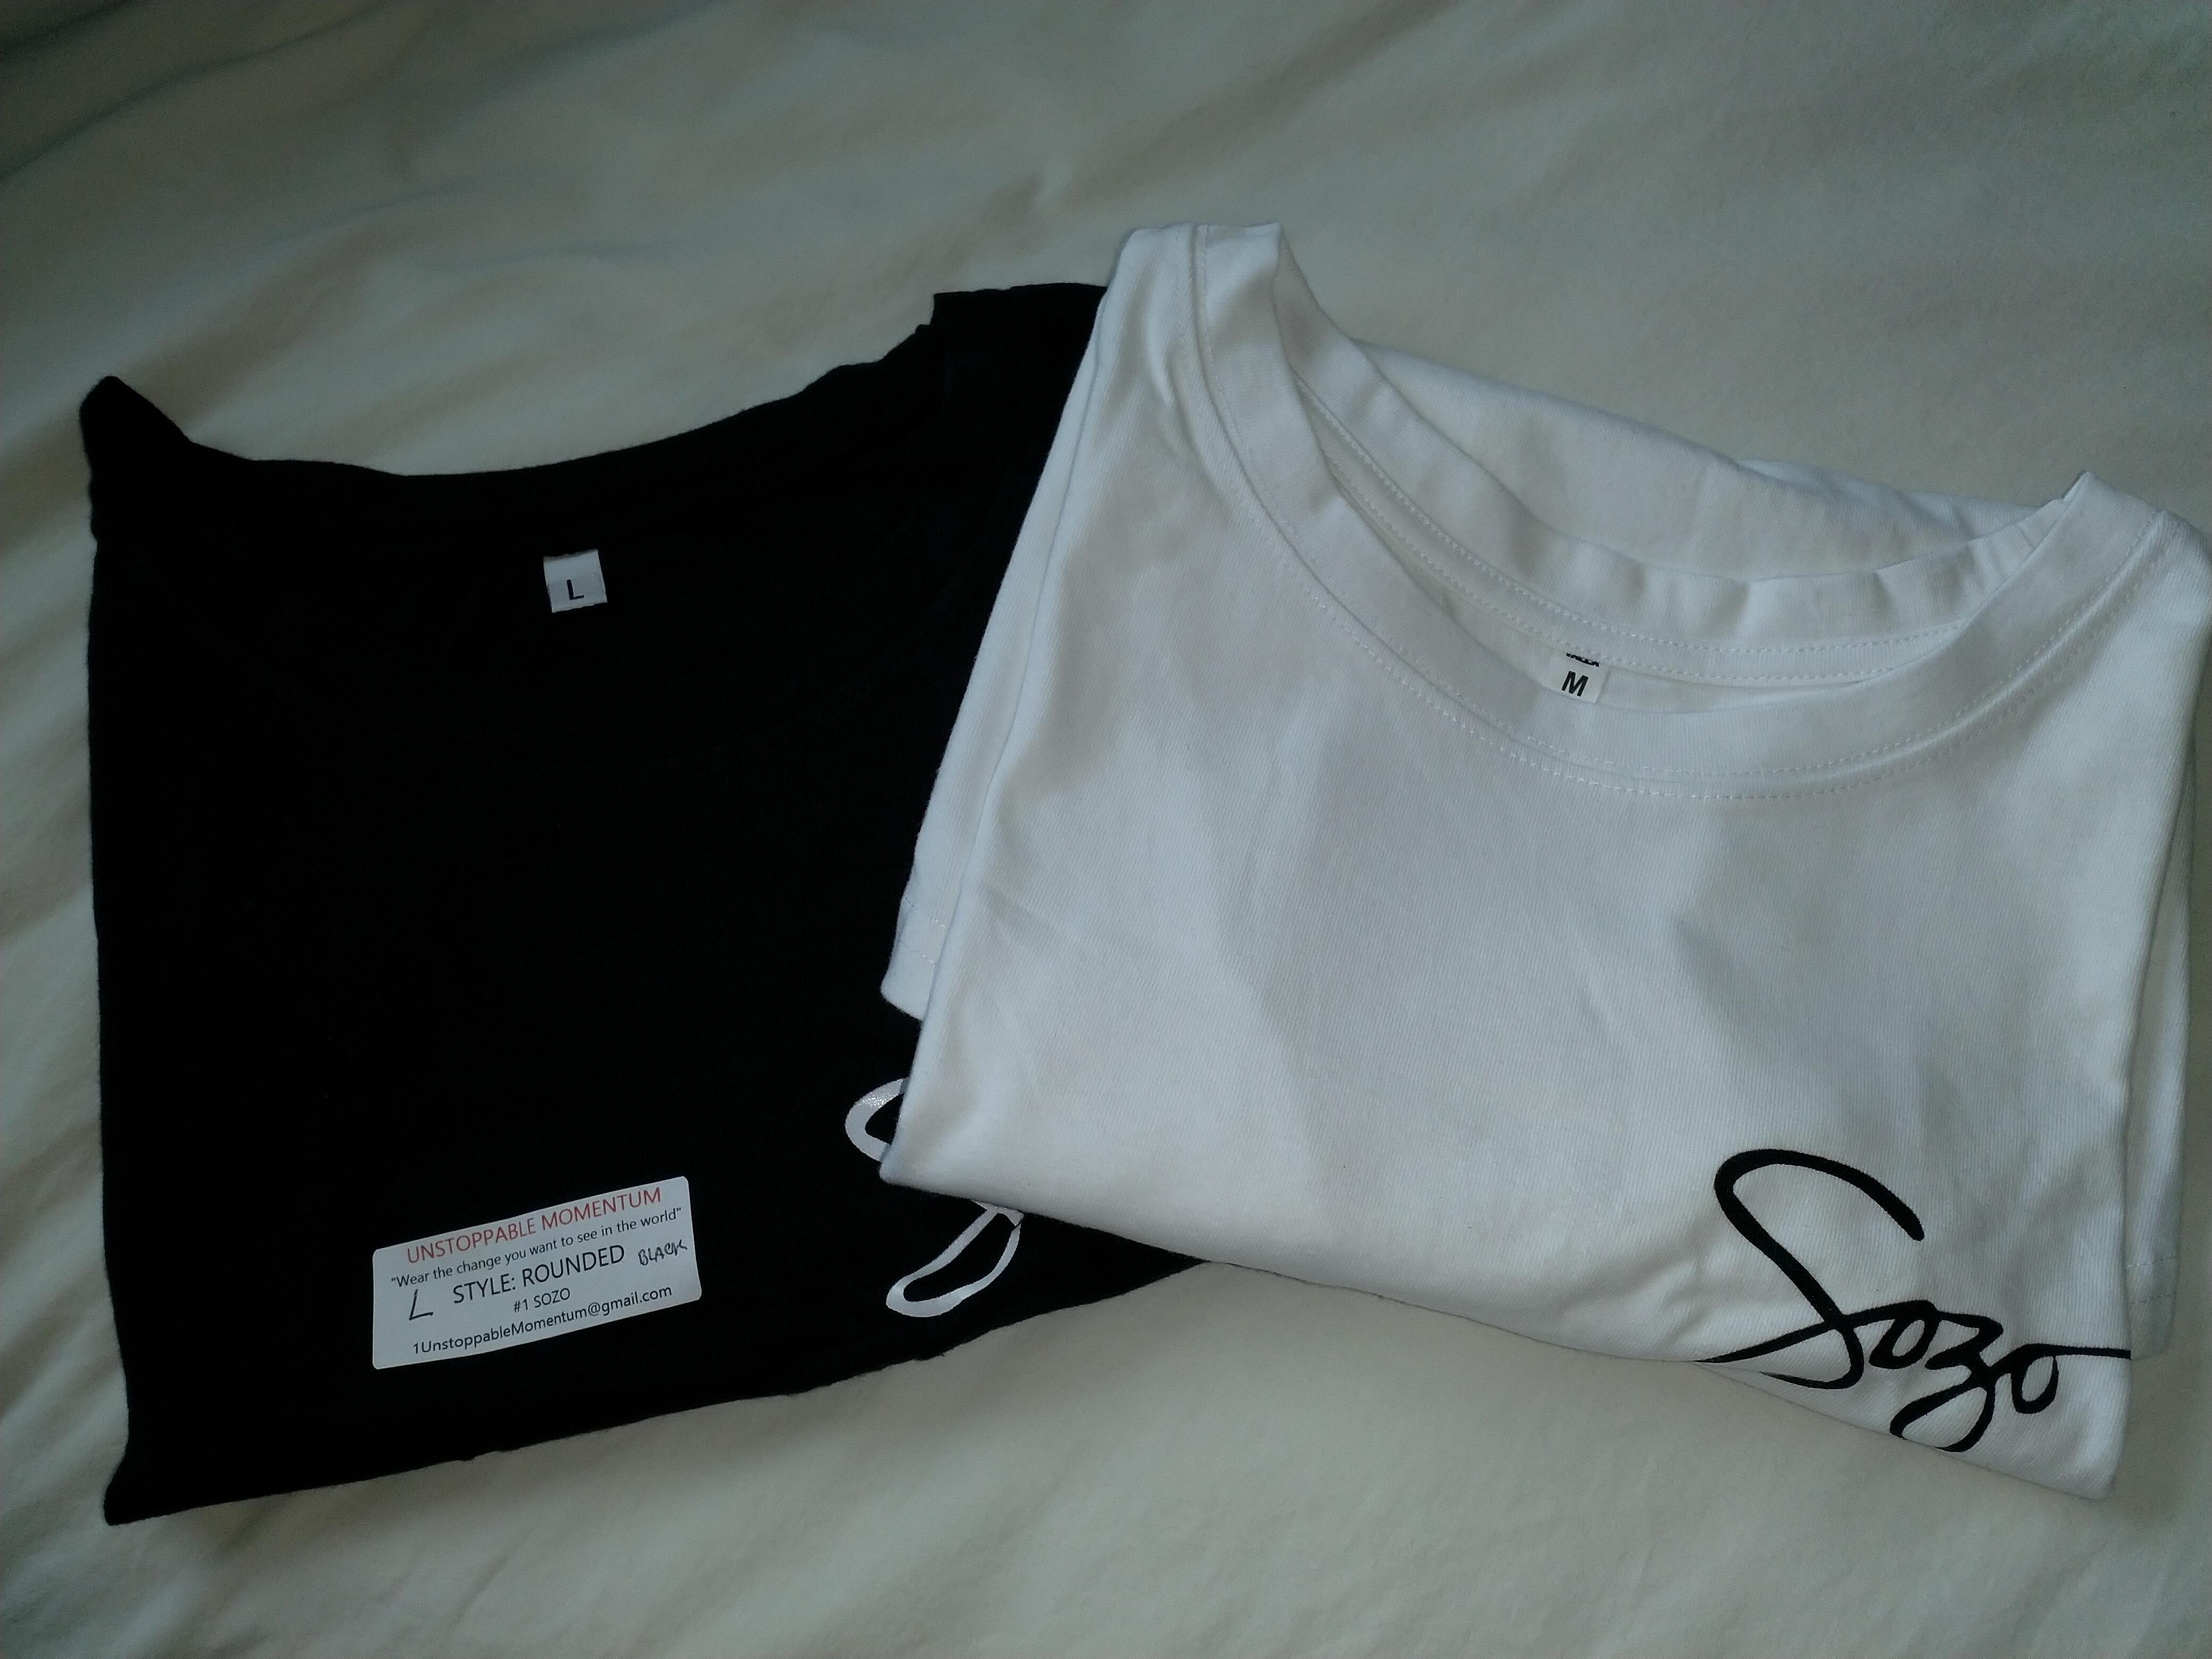 Sozo T shirts